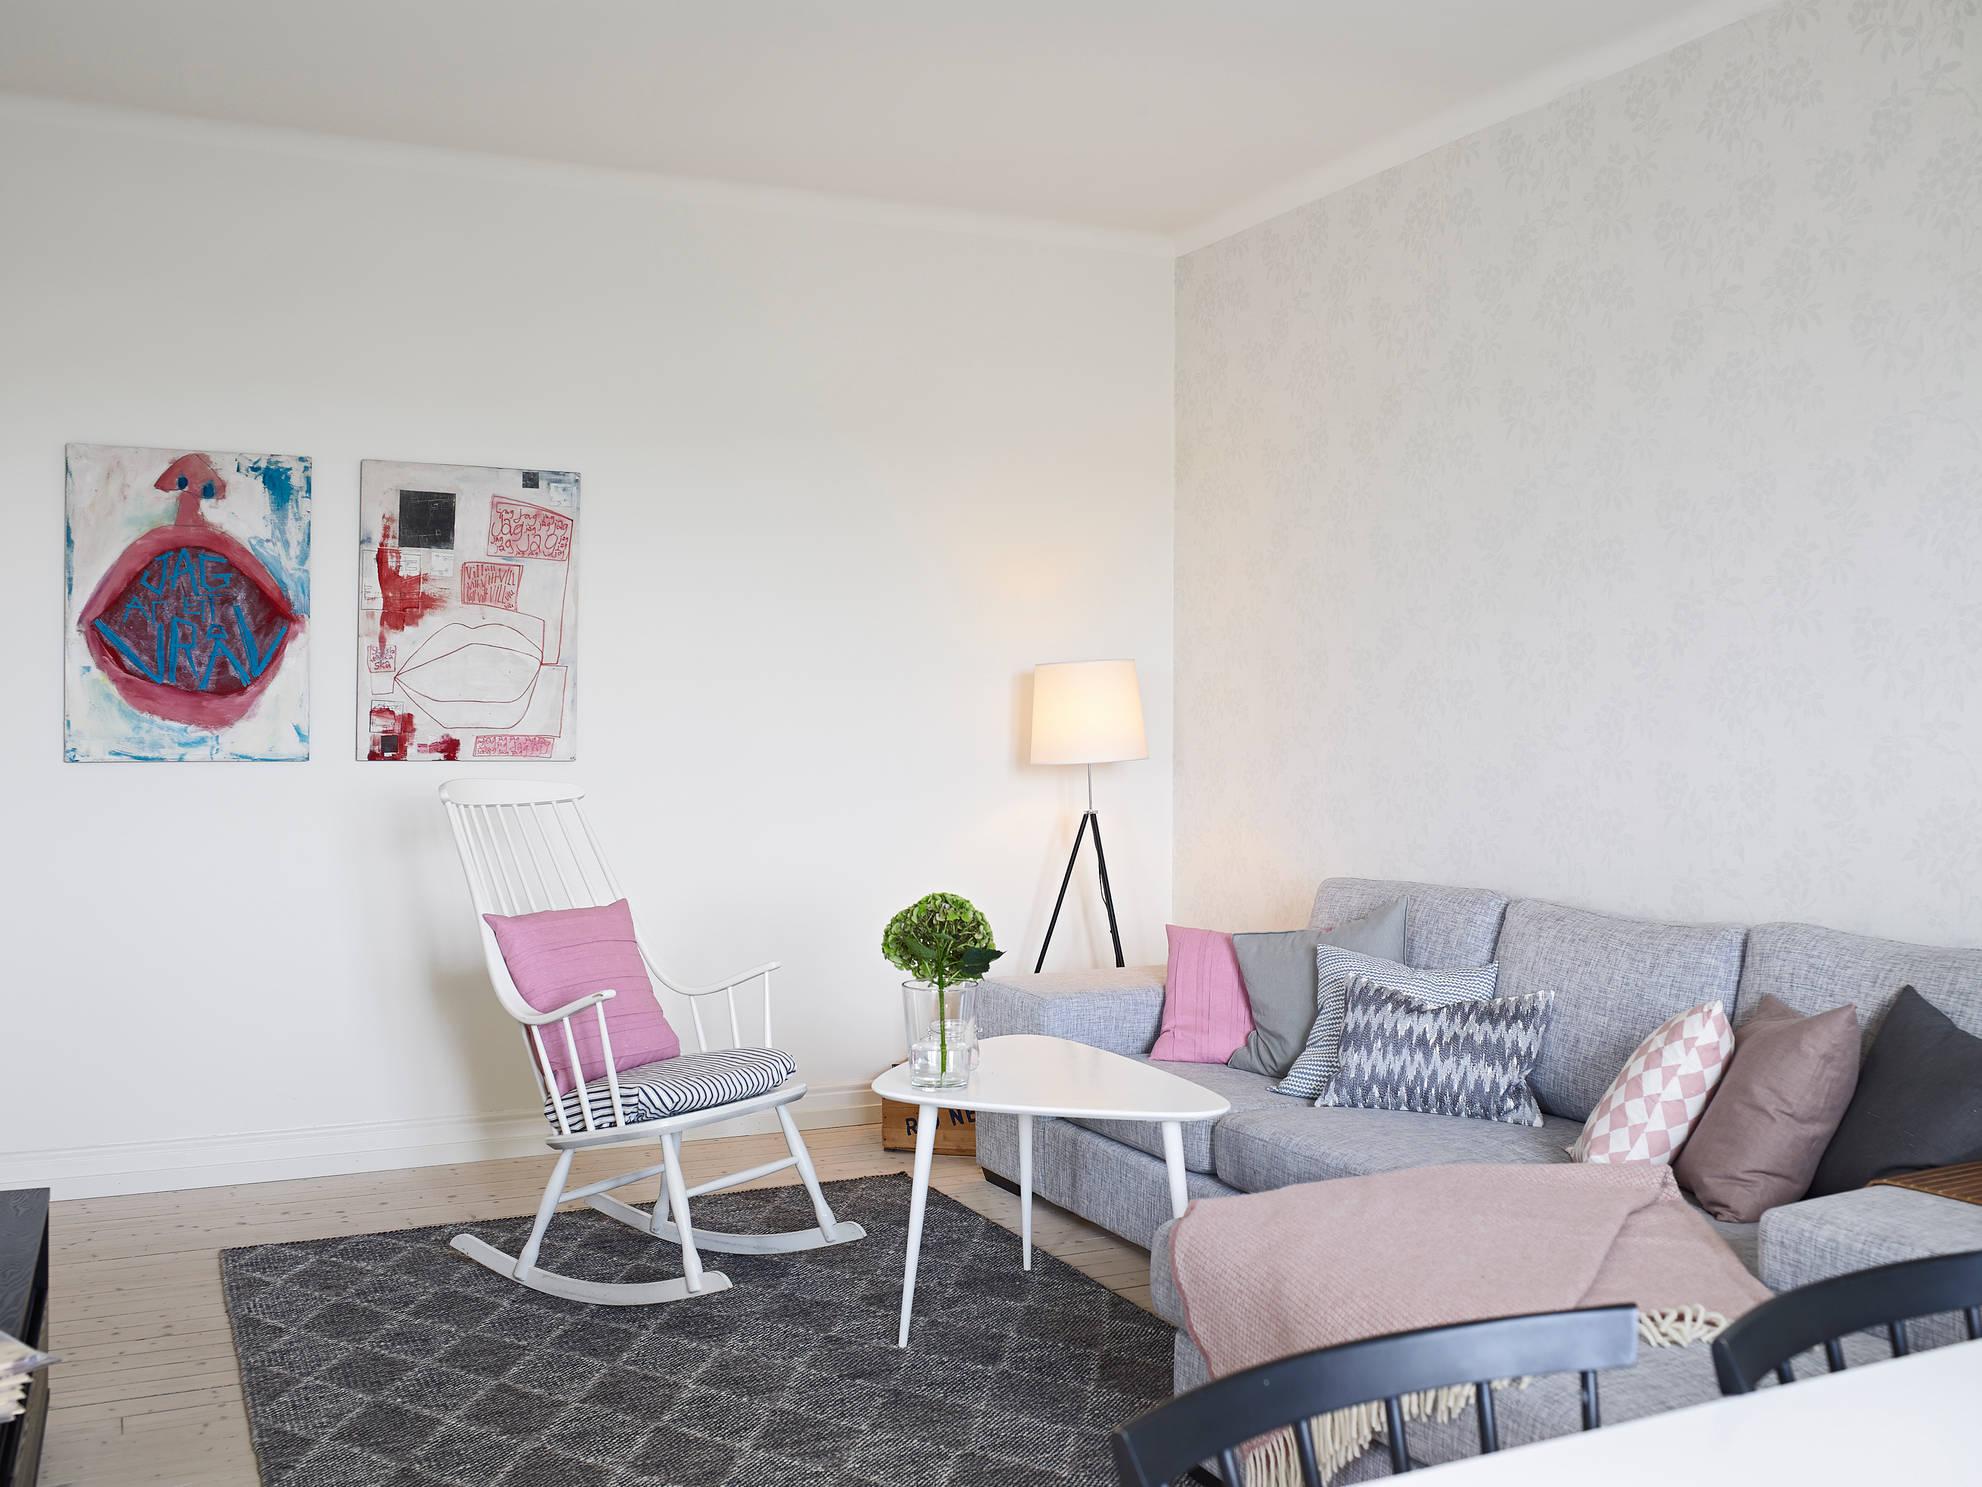 Серый диван и подушки в интерьере гостиной